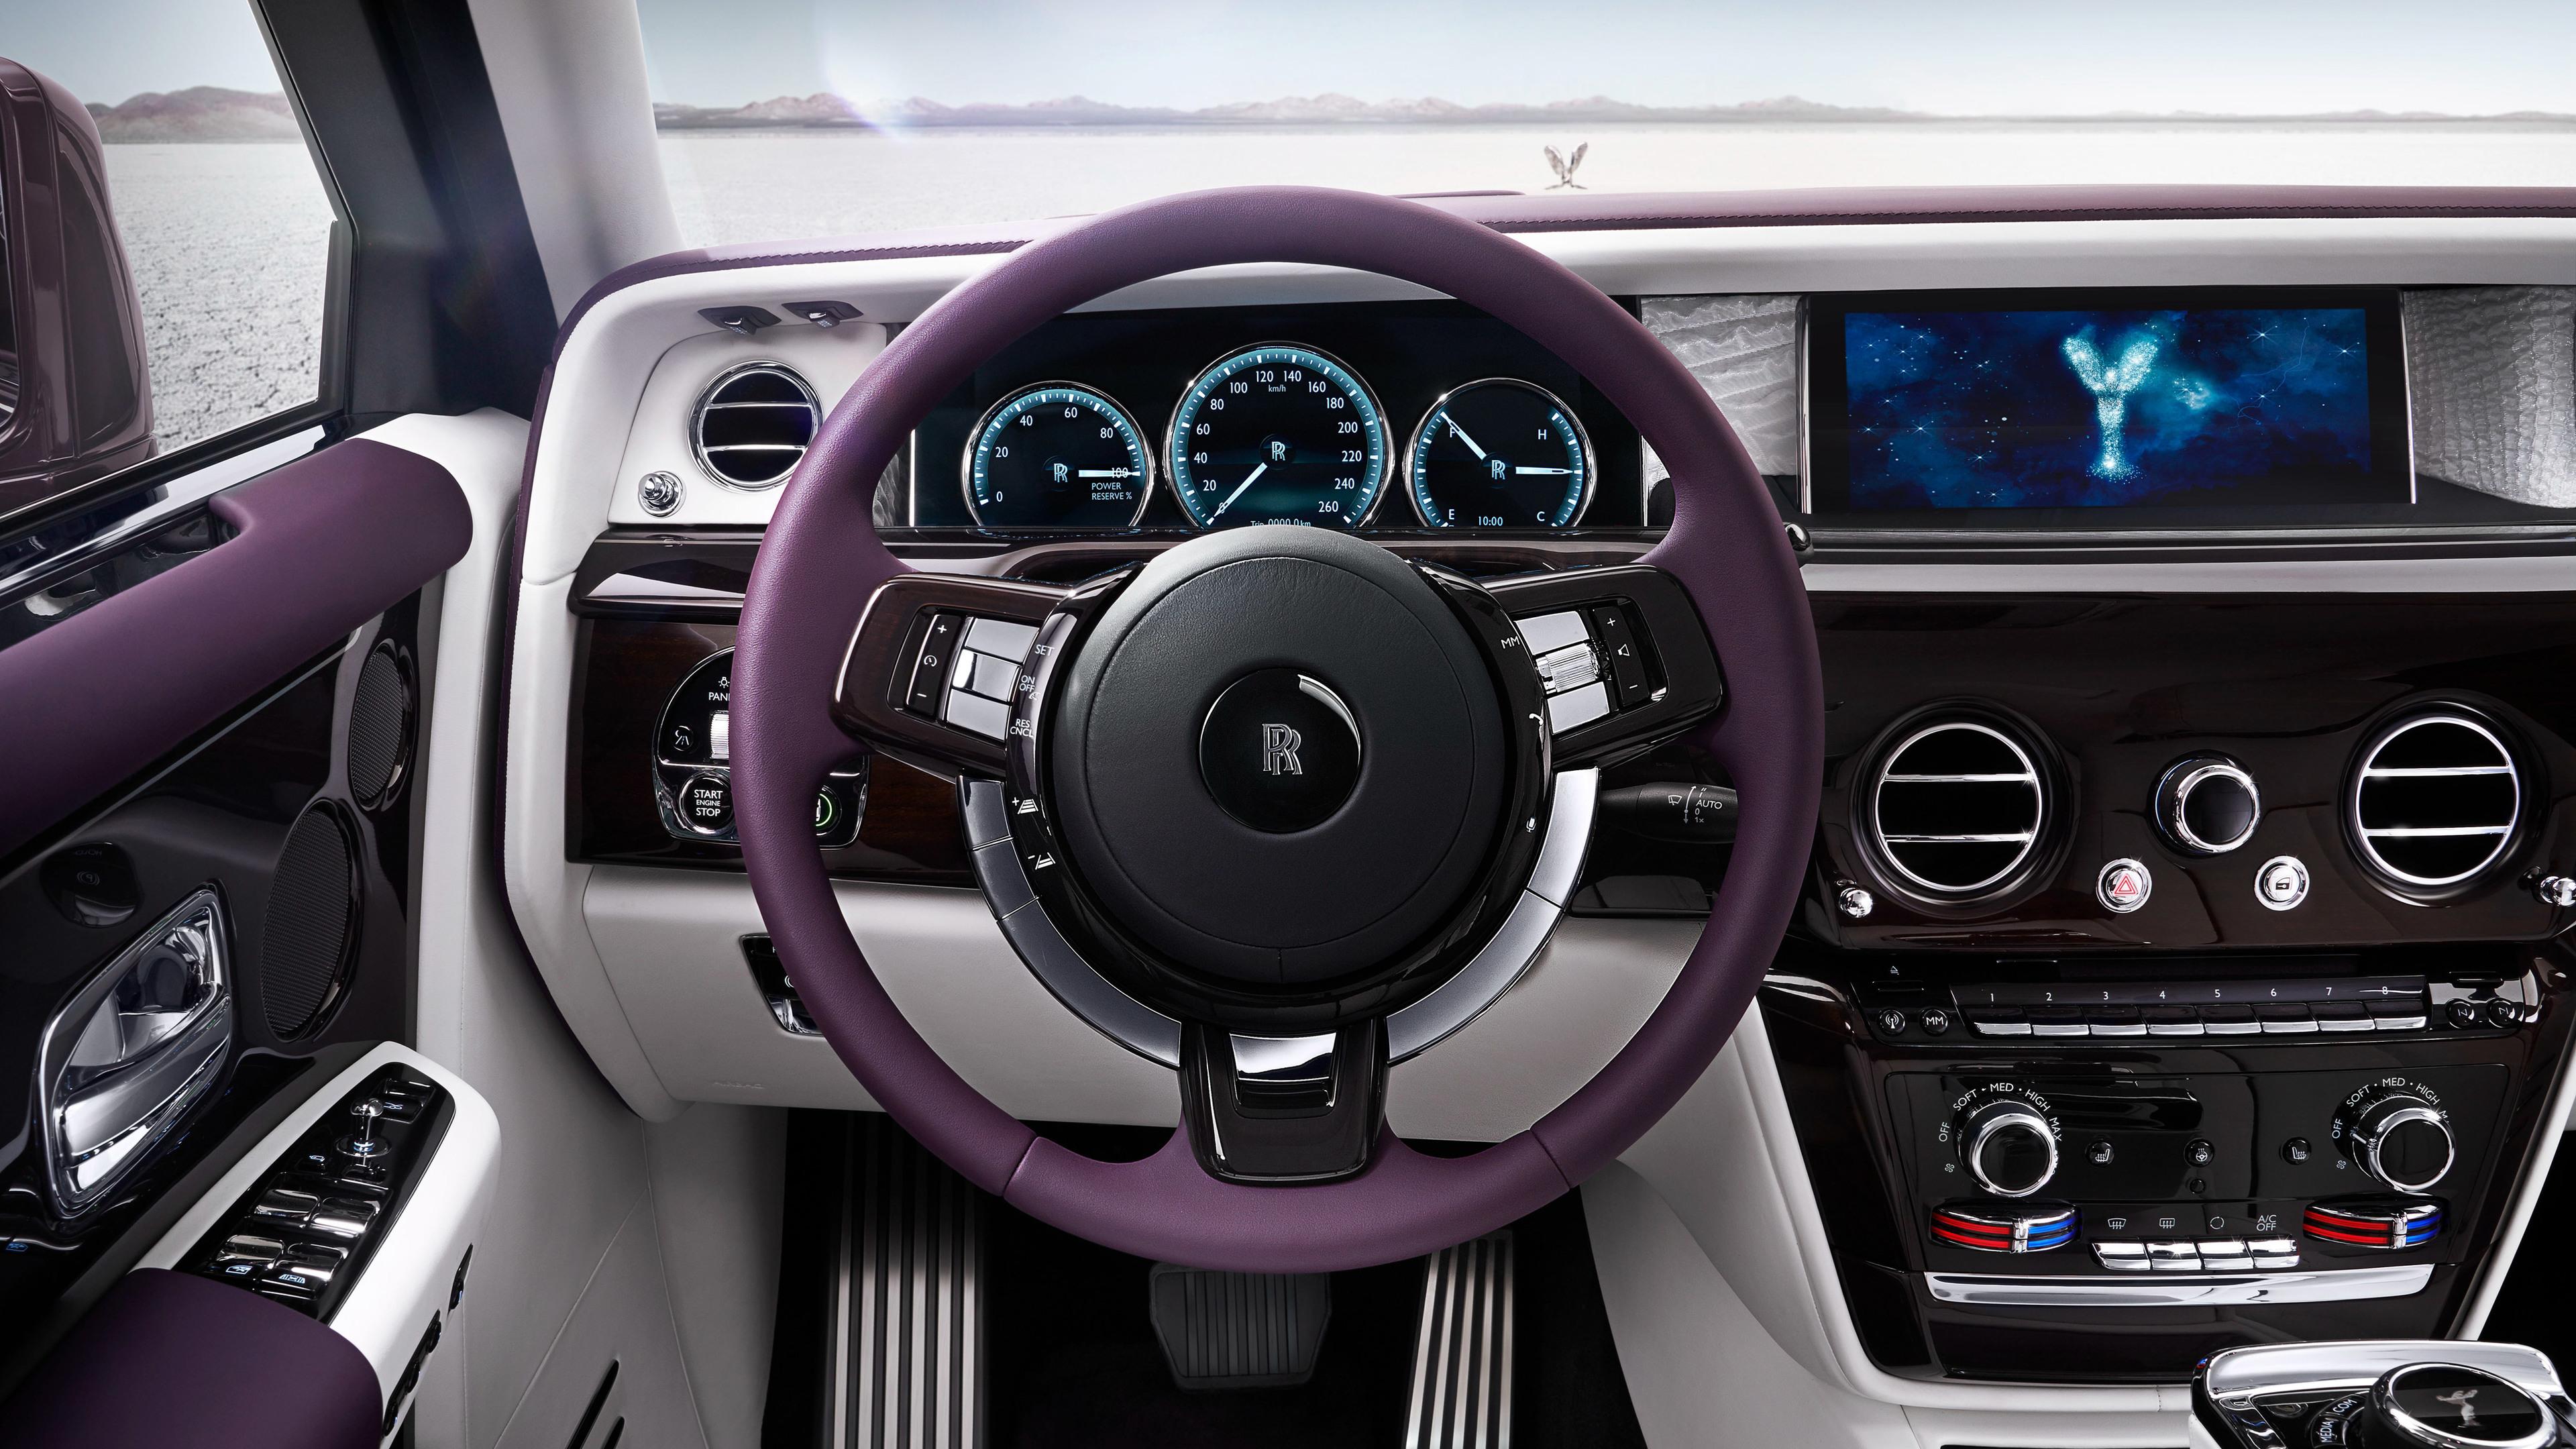 2017 rolls royce phantom ewb interior 1539105930 - 2017 Rolls Royce Phantom EWB Interior - rolls royce wallpapers, rolls royce phantom wallpapers, rolls royce phantom ewb wallpapers, hd-wallpapers, cars wallpapers, 4k-wallpapers, 2017 cars wallpapers